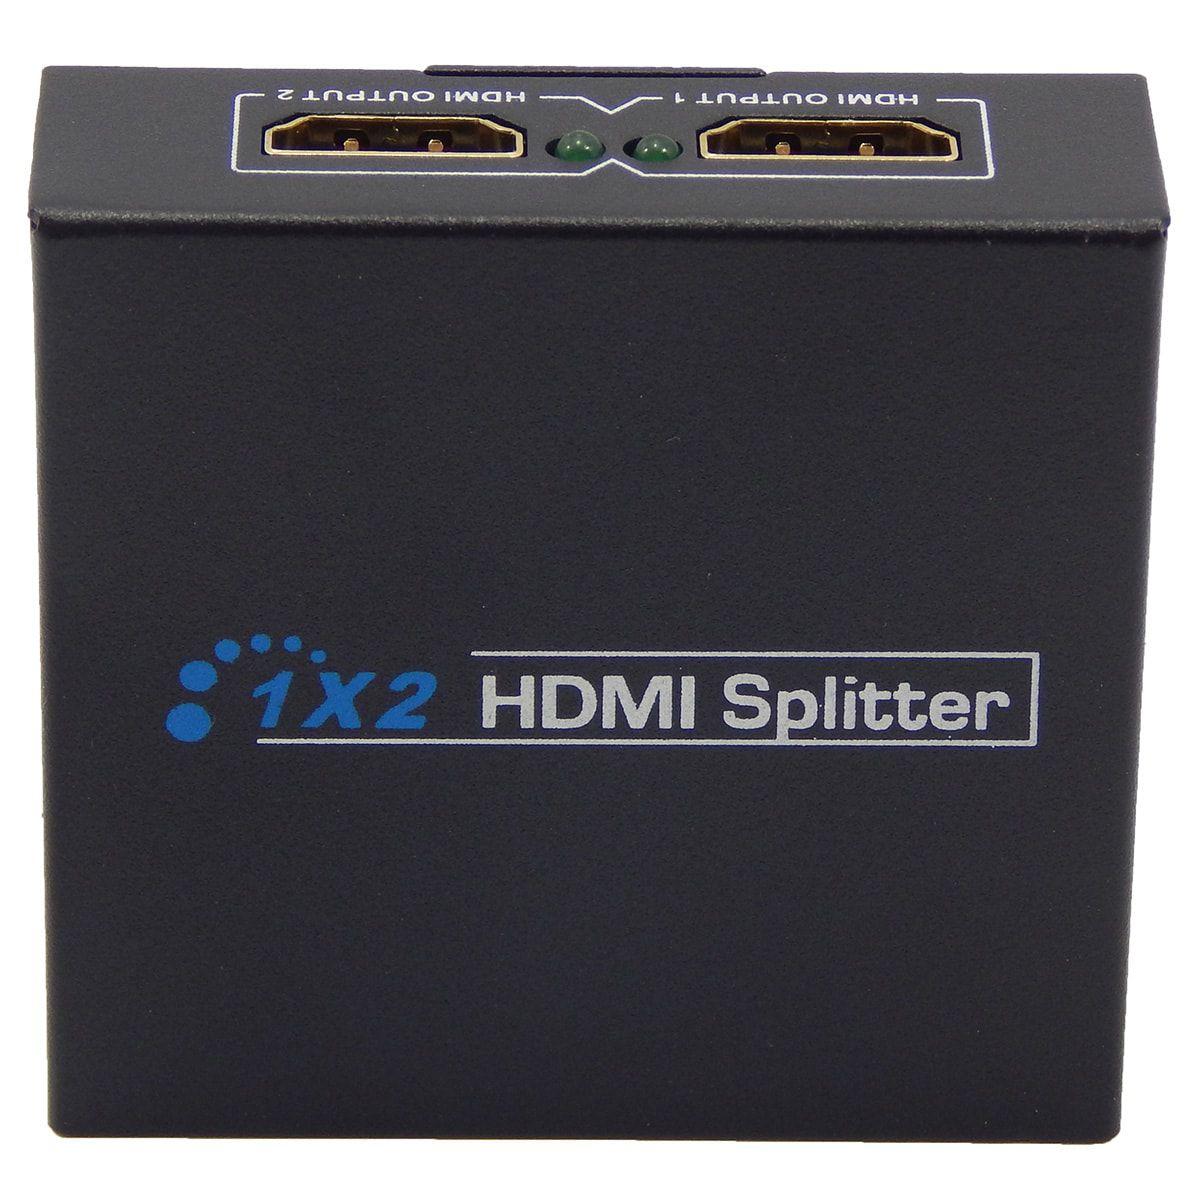 Splitter HDMI 1x2 Divisor 1 Entrada para 2 Saídas v1.4 3D